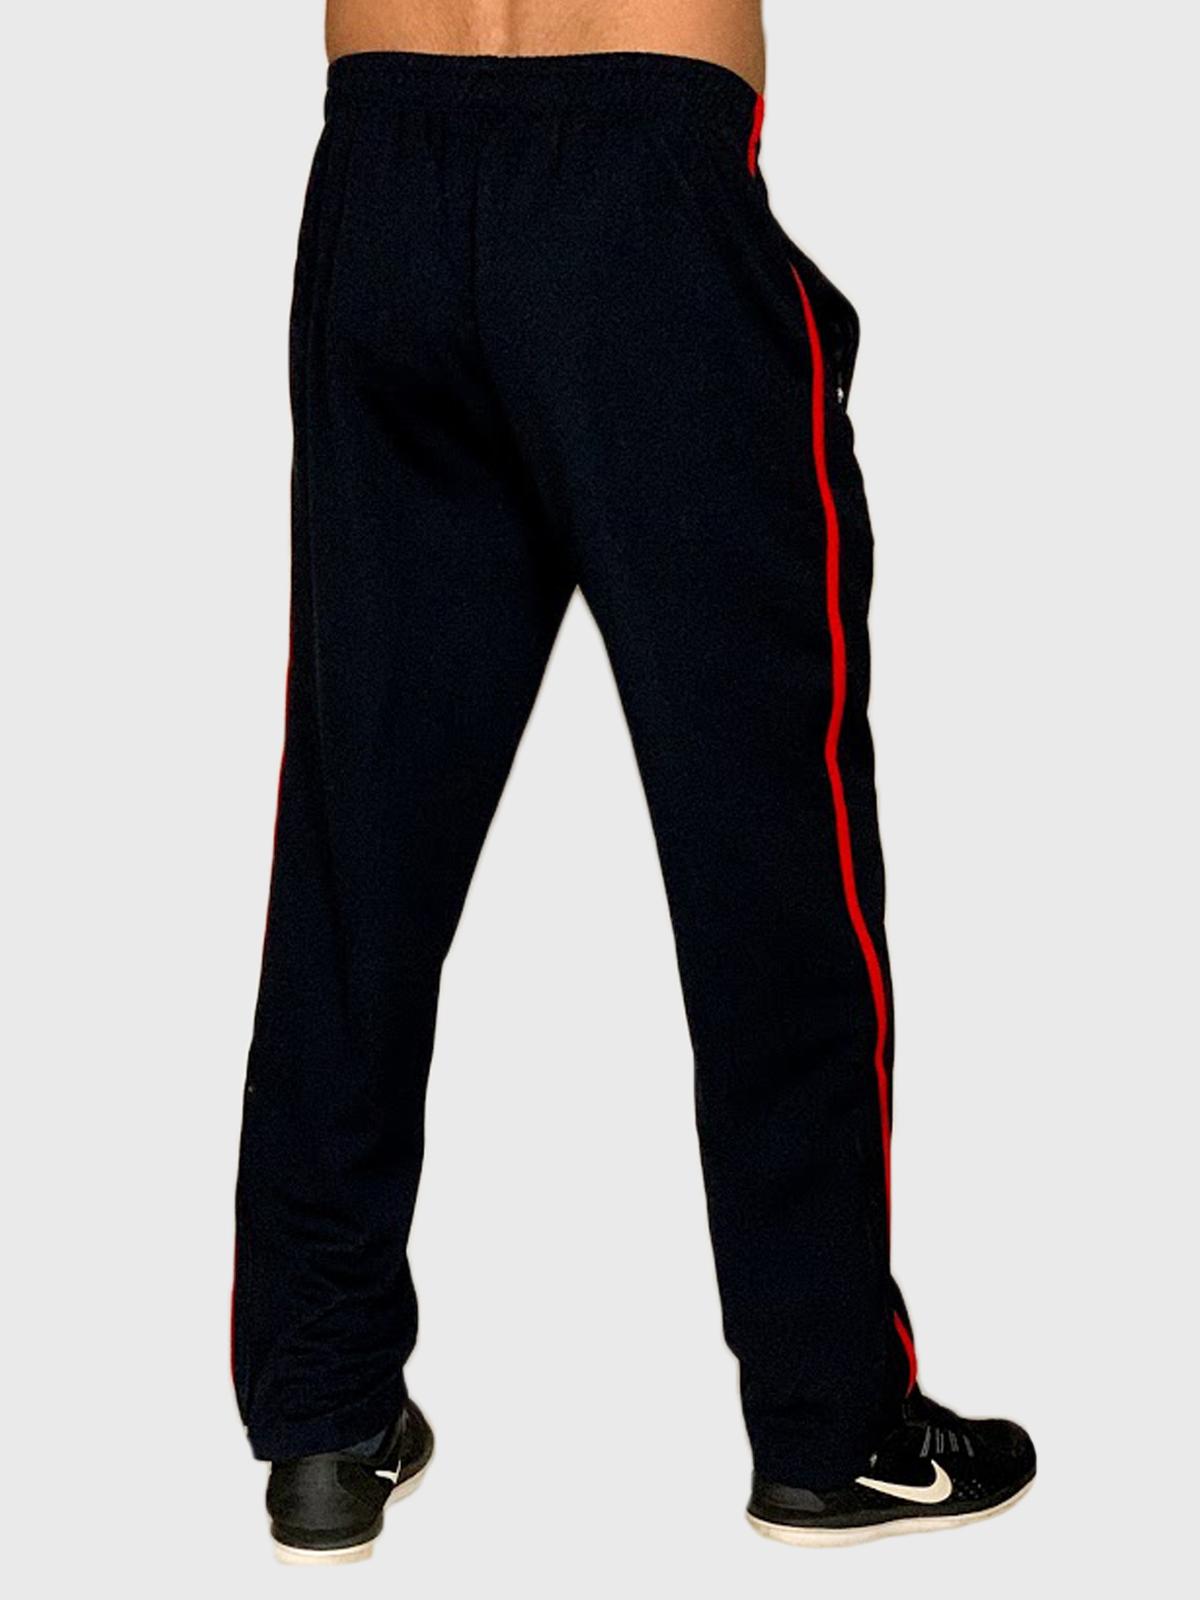 Однотонные прямые мужские штаны с лампасами